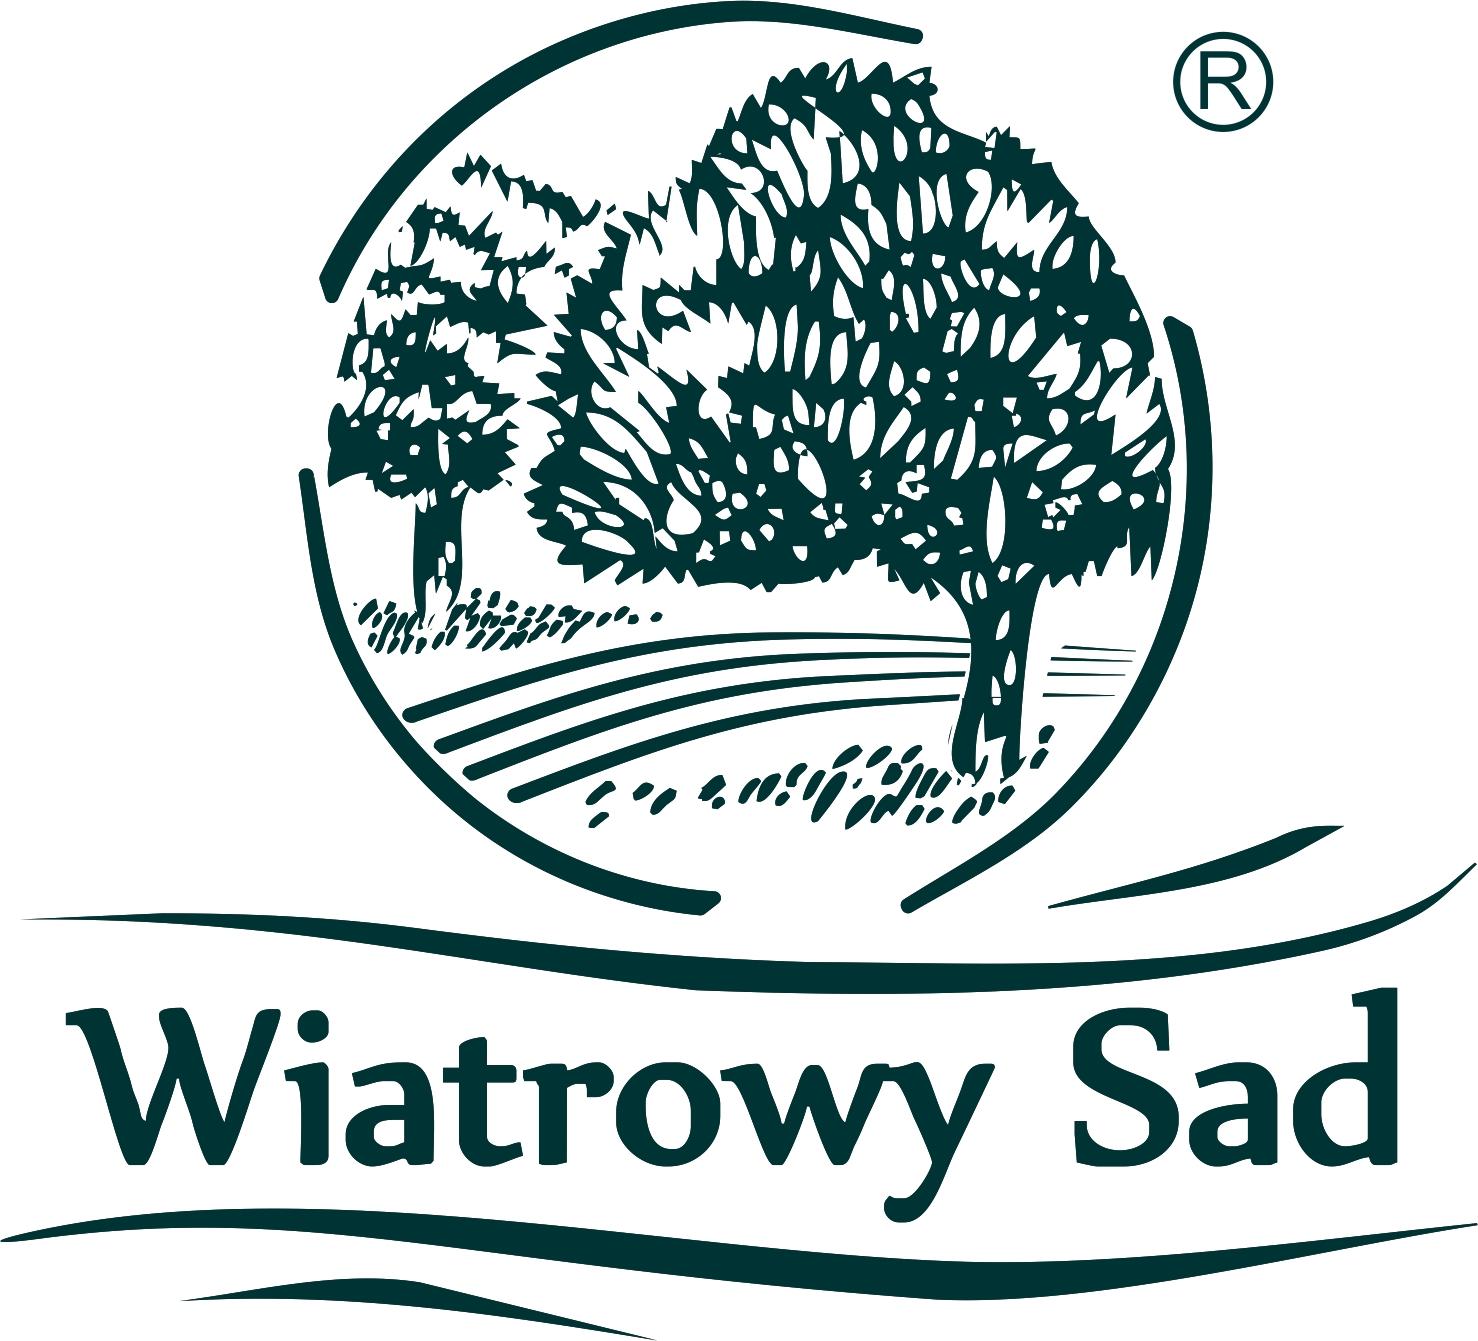 logo wiatrowy sad